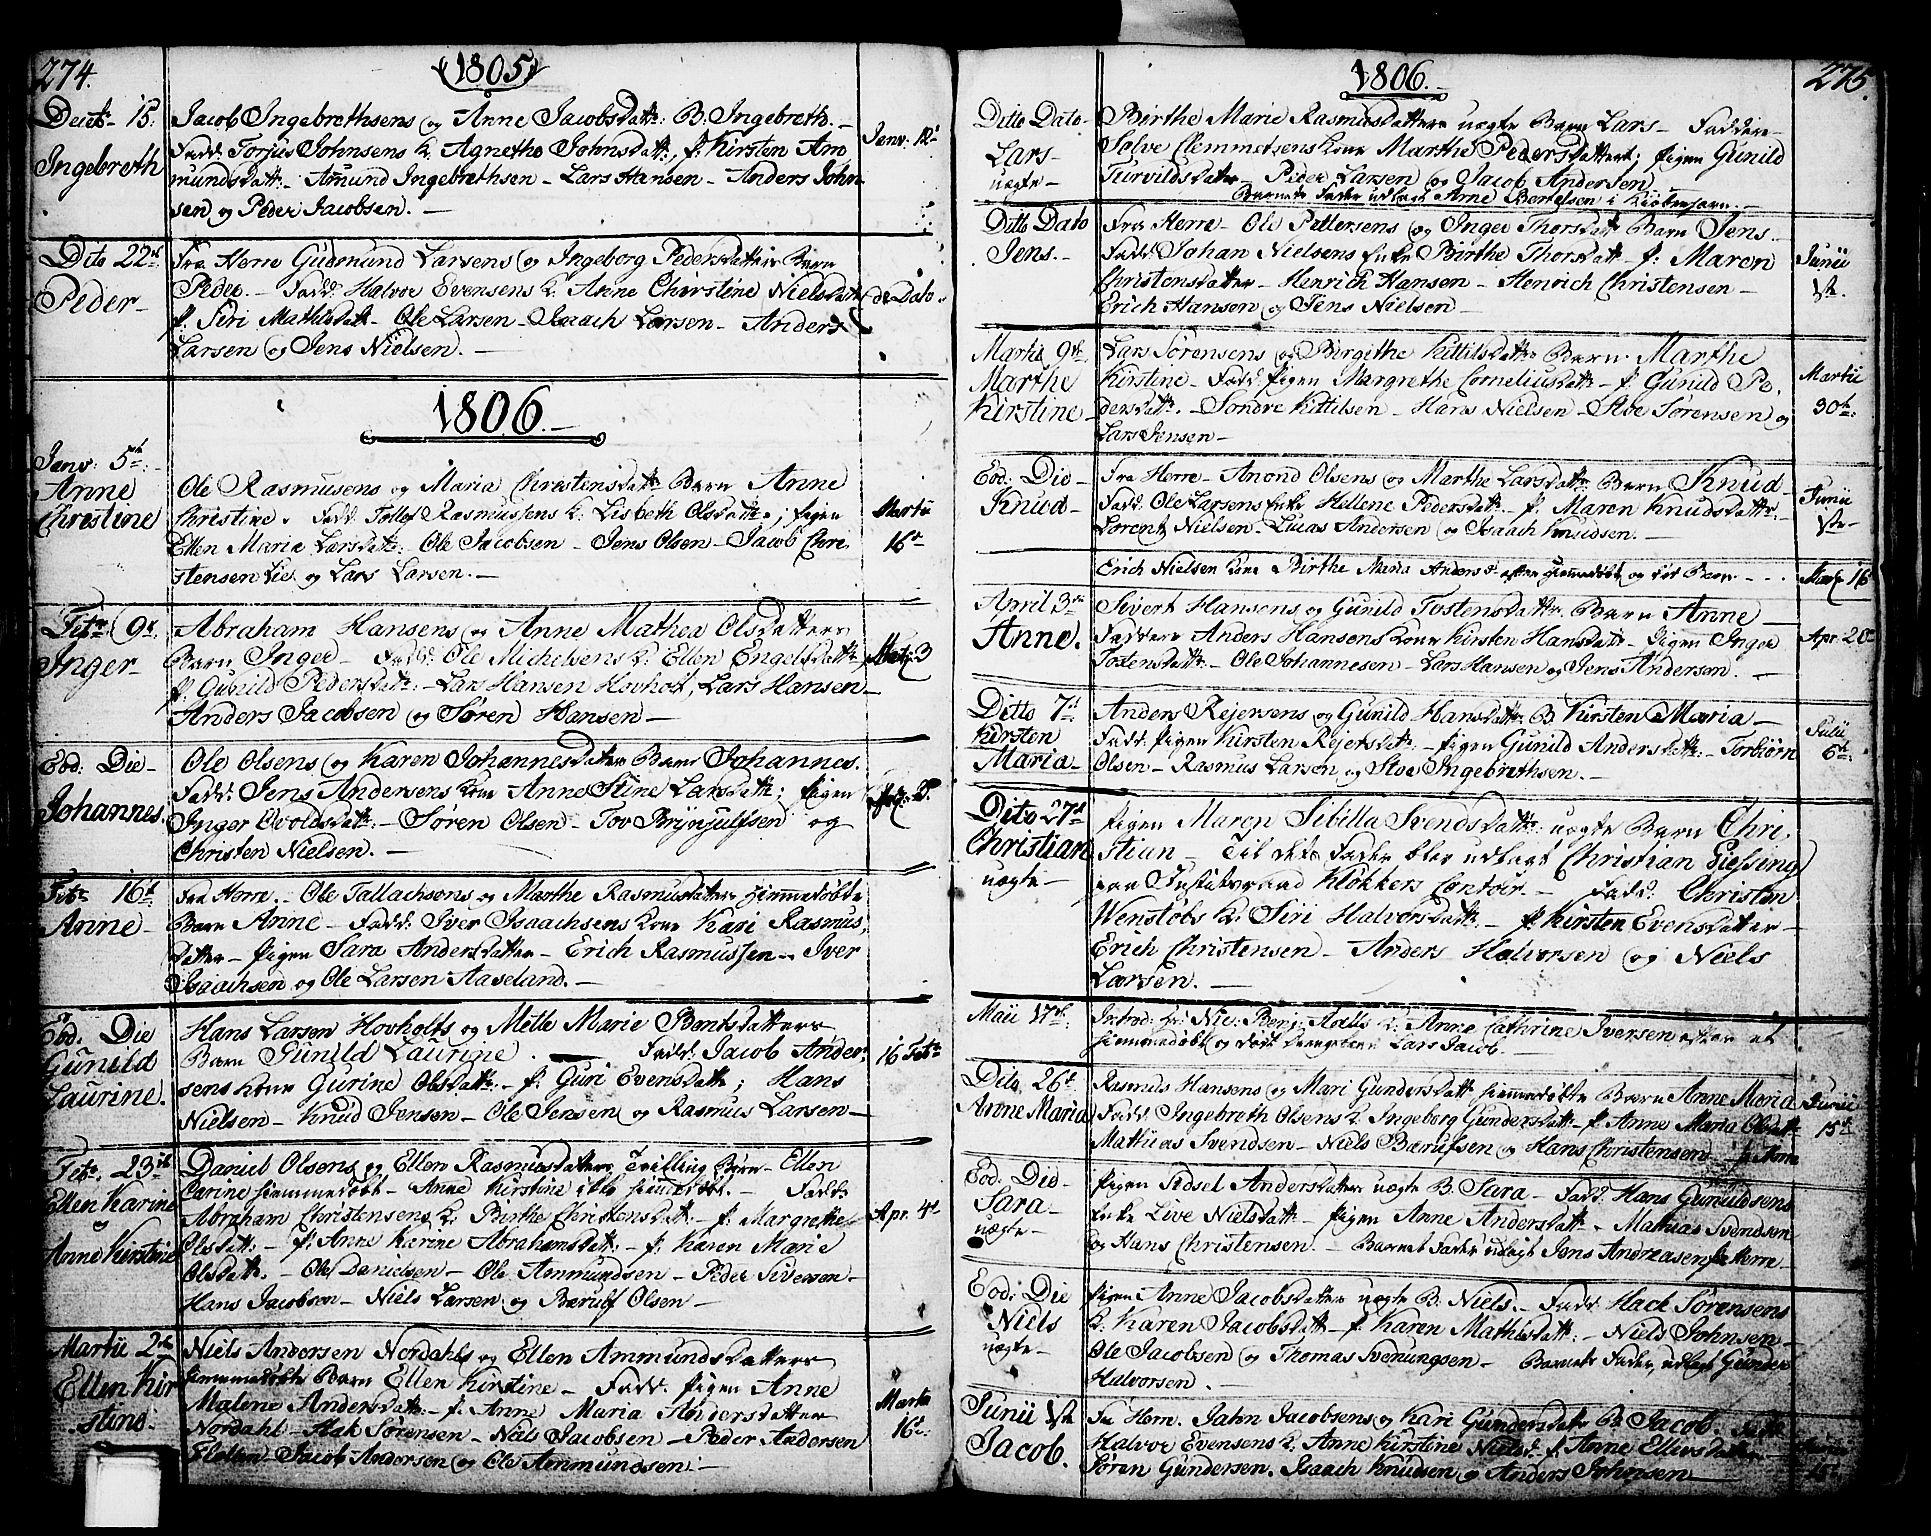 SAKO, Porsgrunn kirkebøker , F/Fa/L0002: Ministerialbok nr. 2, 1764-1814, s. 274-275